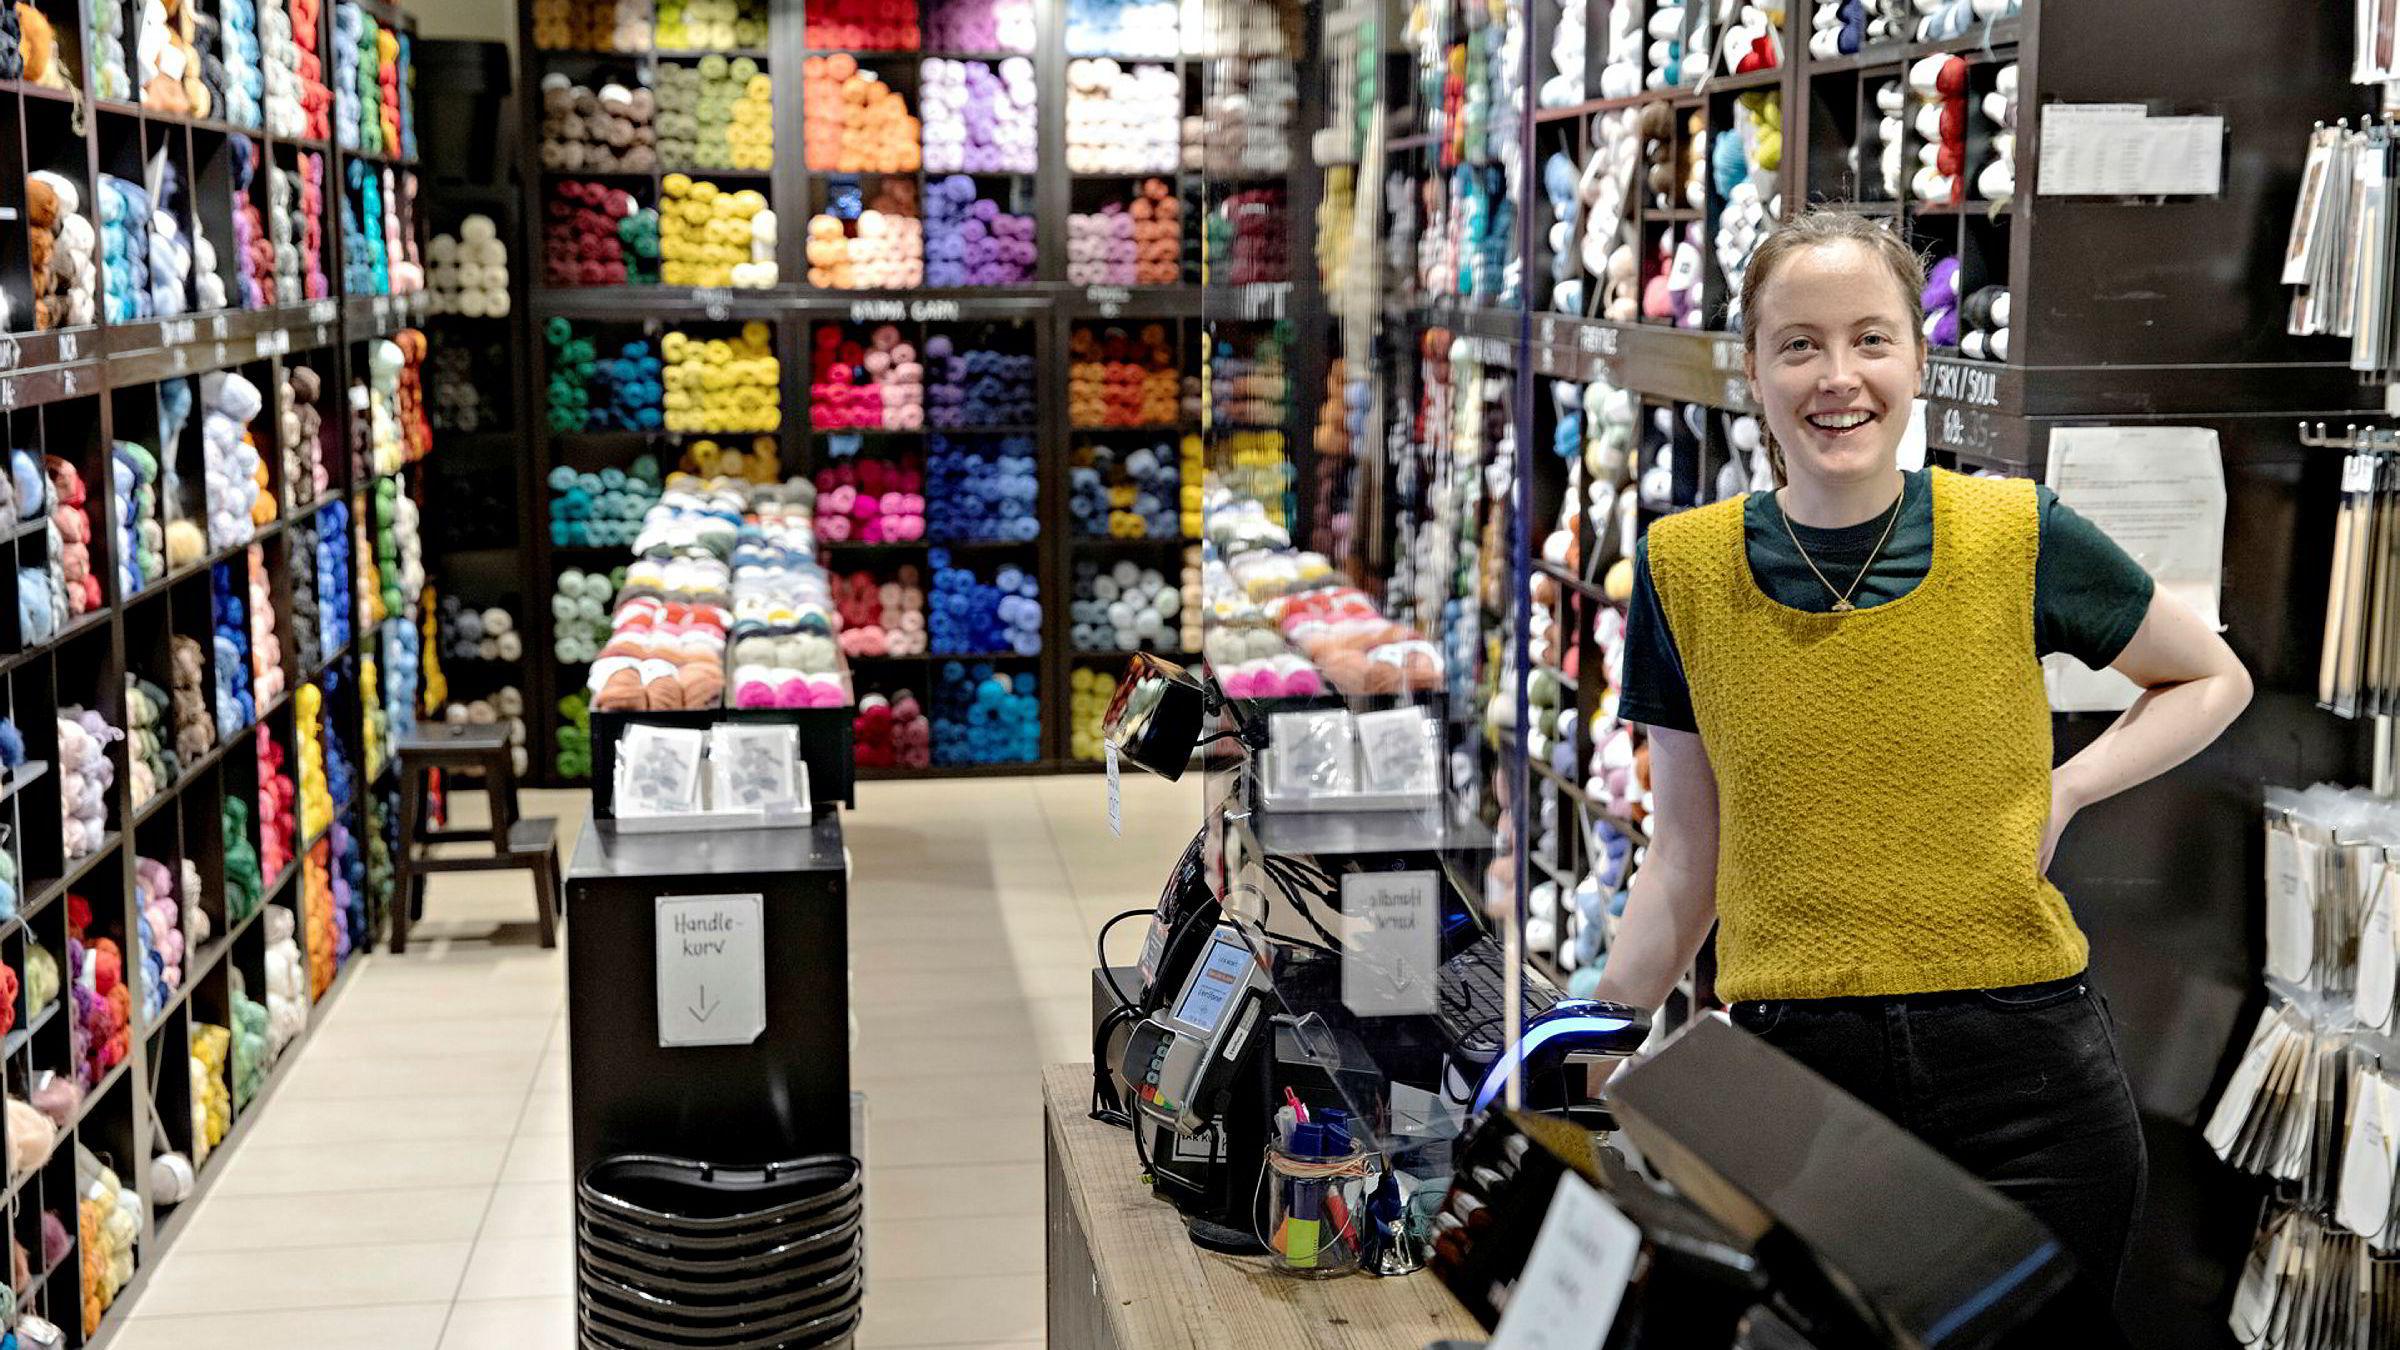 – Vi ligger et stykke foran fjoråret, og det til tross for at senteret har hatt begrensede åpningstider, sier butikkleder Siri Berger i Nøstet Mitt på Storo storsenter.